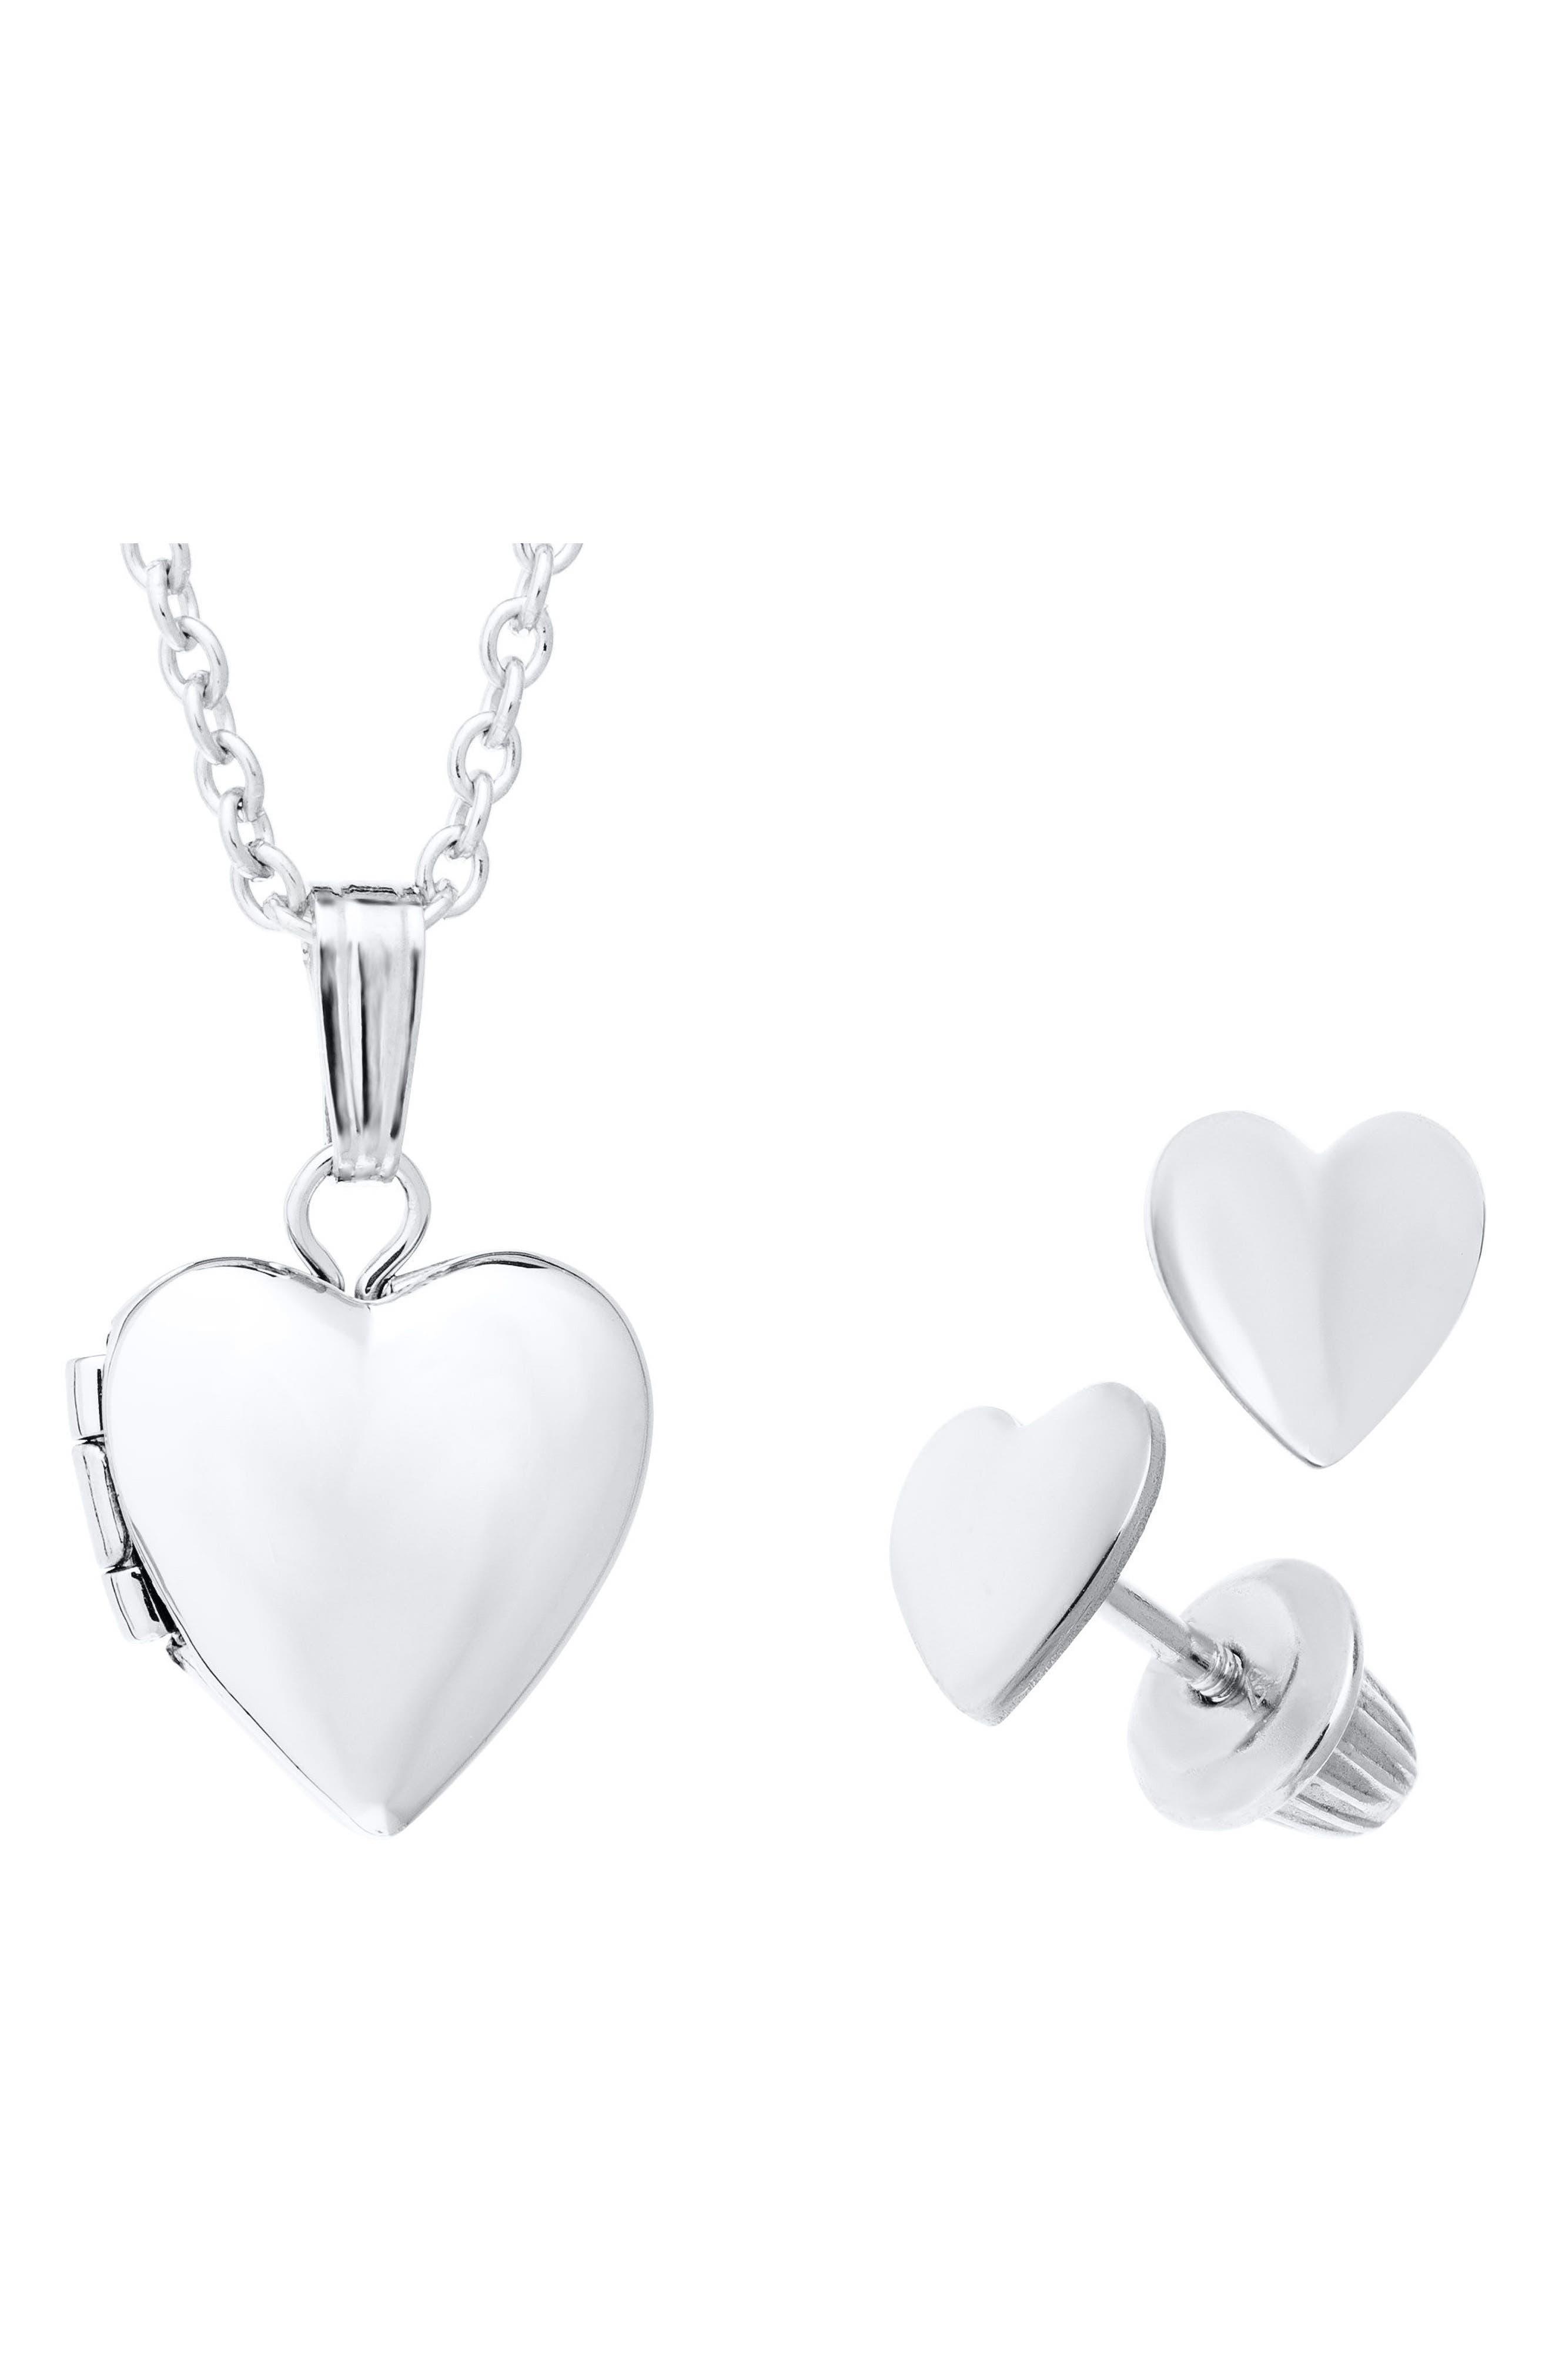 Girls Mignonette Sterling Silver Heart Locket Necklace  Earrings Set